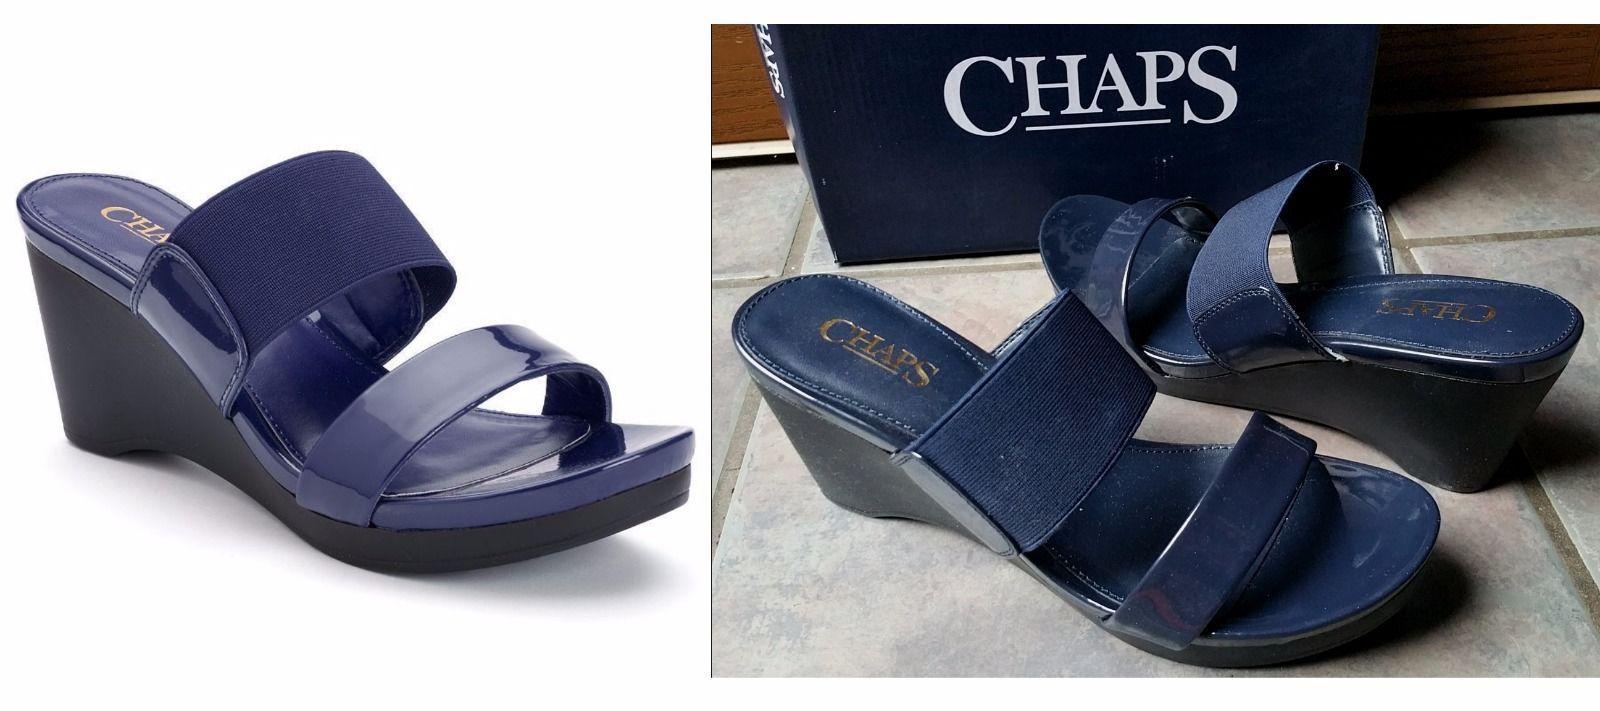 2bd9b9e2e98  65 Chaps Ralph Lauren Sandals-NAVY Rhoda and 50 similar items